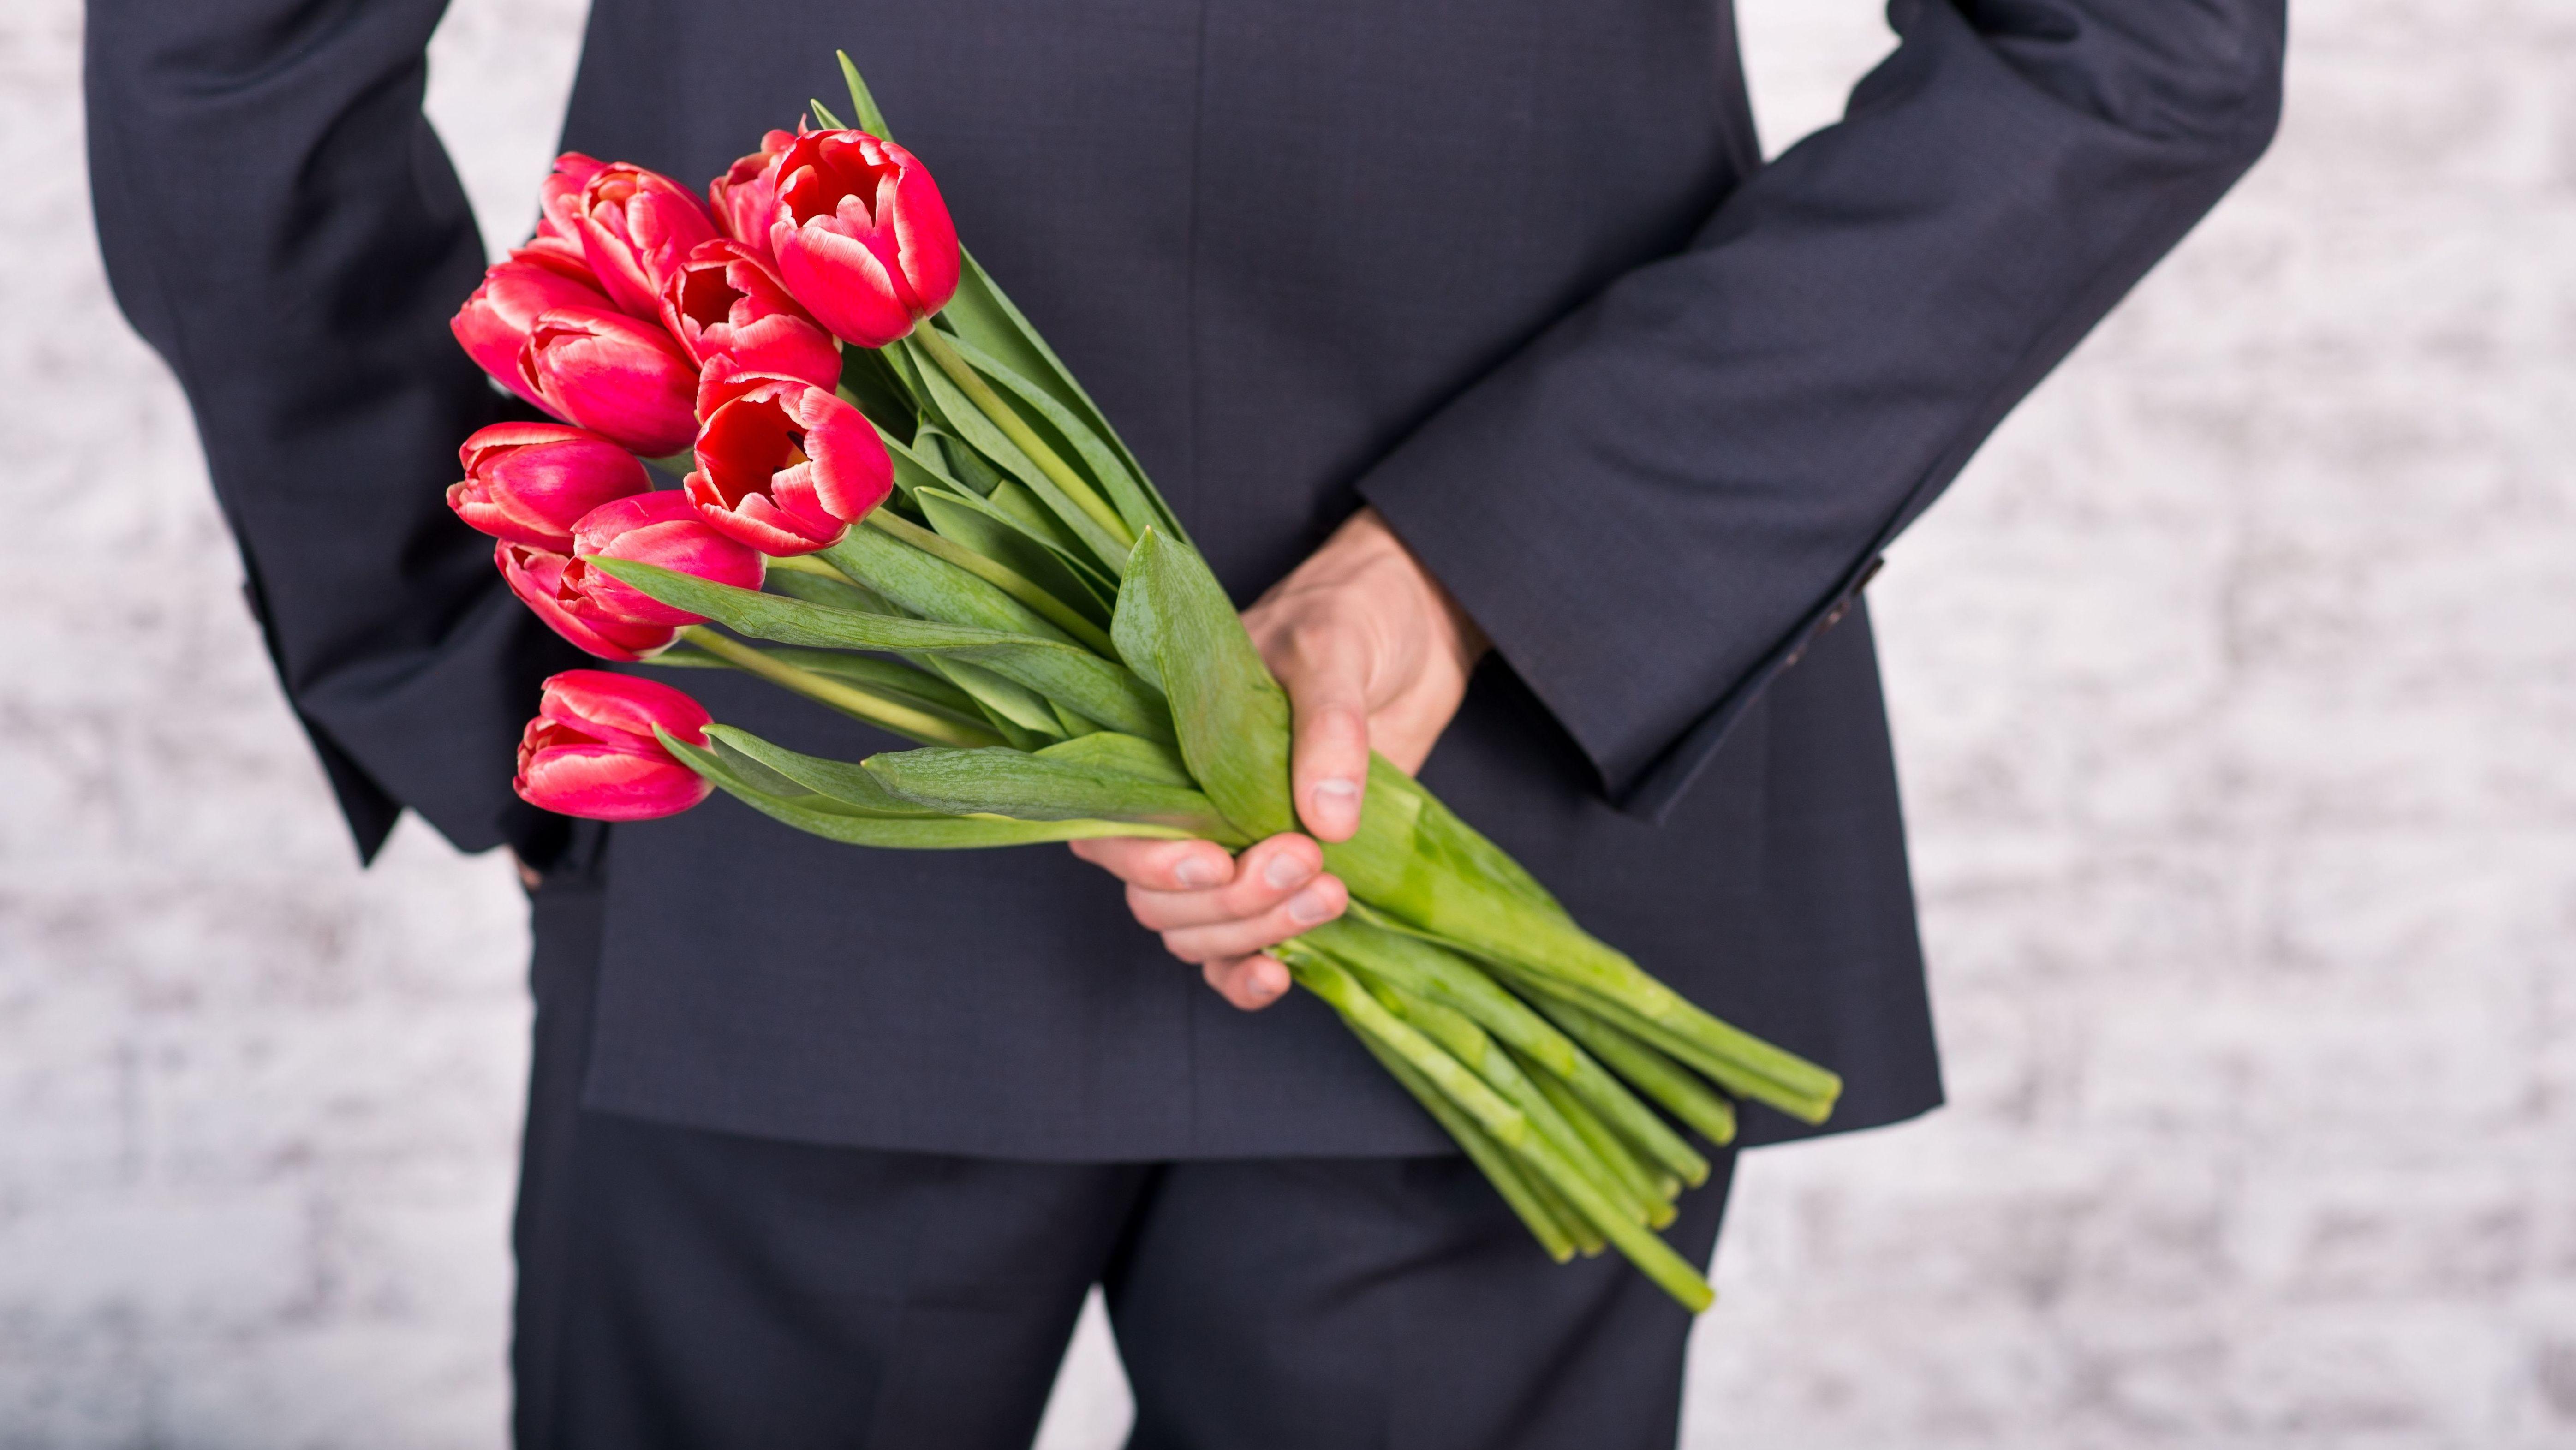 Anordnung der Polizei: Blumenstrauß für die Frau